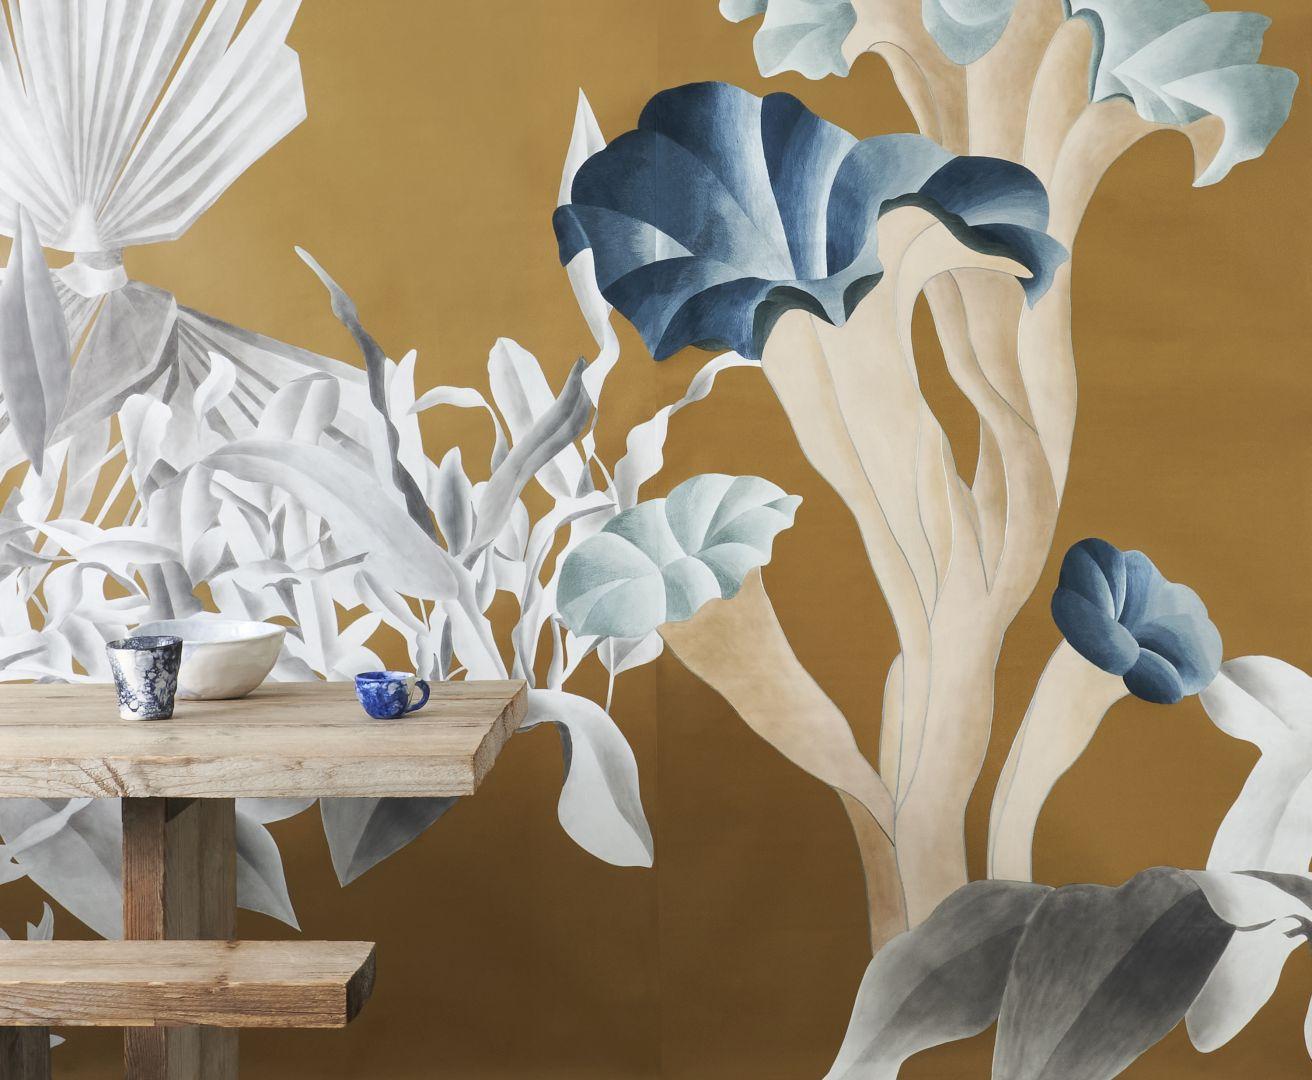 """Tapeta """"Formosa"""" nawiązuje do świata fotografii, w którym kolorowe obramowanie służy jako tło dla hipotetycznego mise en scène sennej i surrealistycznej inscenizacji. Paprocie i egzotyczne rośliny stanowią granicę dla znajdujących się na pierwszym planie gigantycznych i pozaziemskich grzybów o jasnych i nienaturalnych kolorach. Trójwymiarowy efekt sugerują nie tylko same dekoracje, ale także ręczny haft widoczny na grzybach. Fot. Mood-Design"""